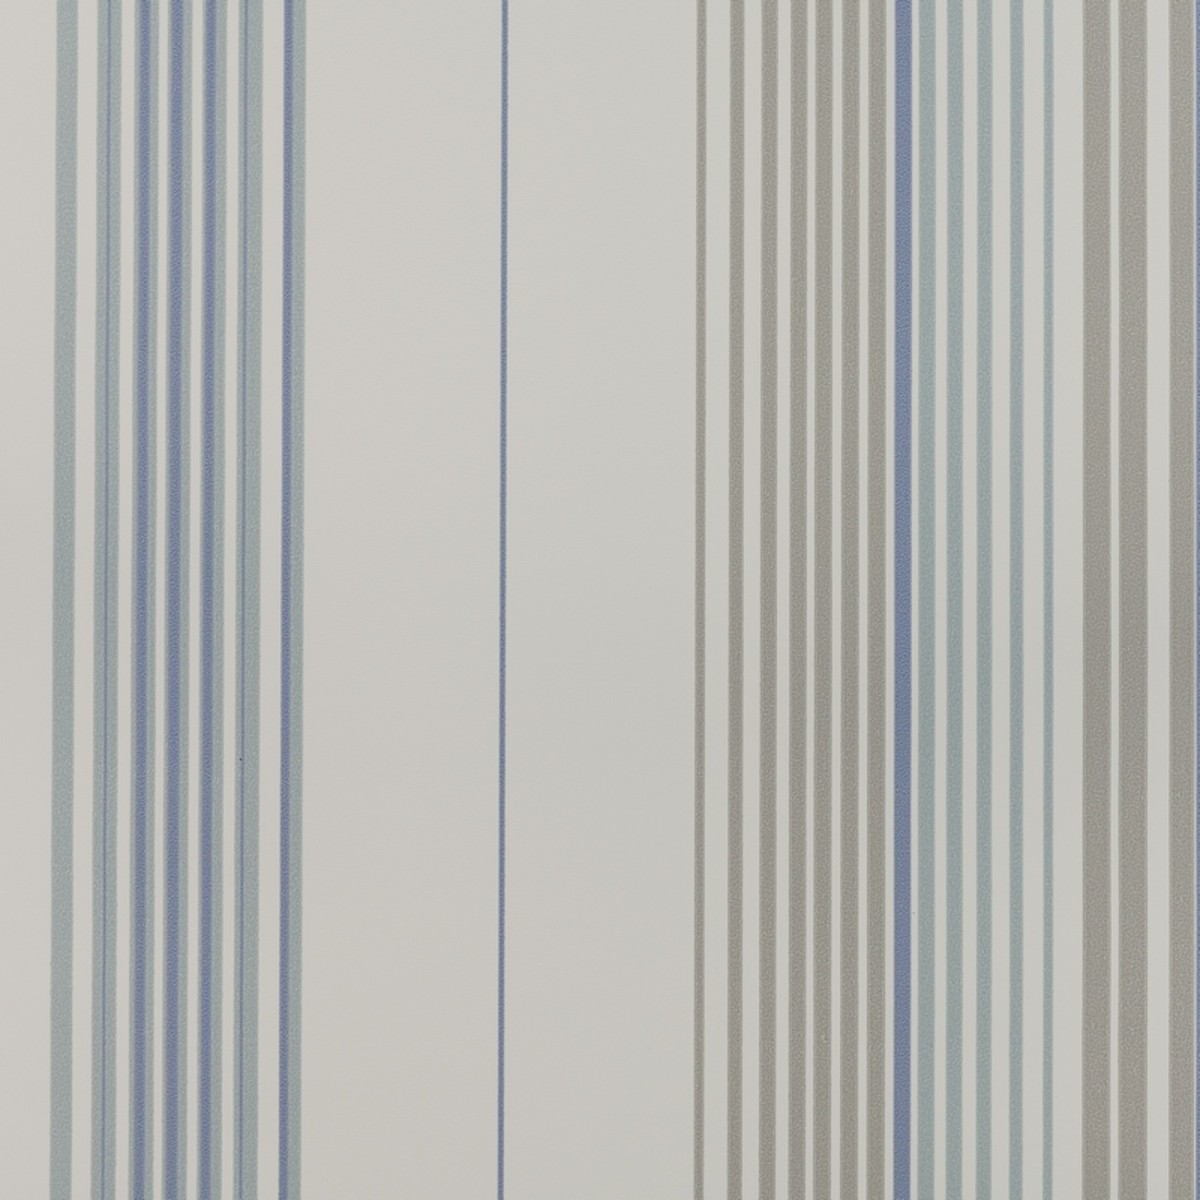 Обои флизелиновые Collection For Walls Modern I серые 0.53 м 201902